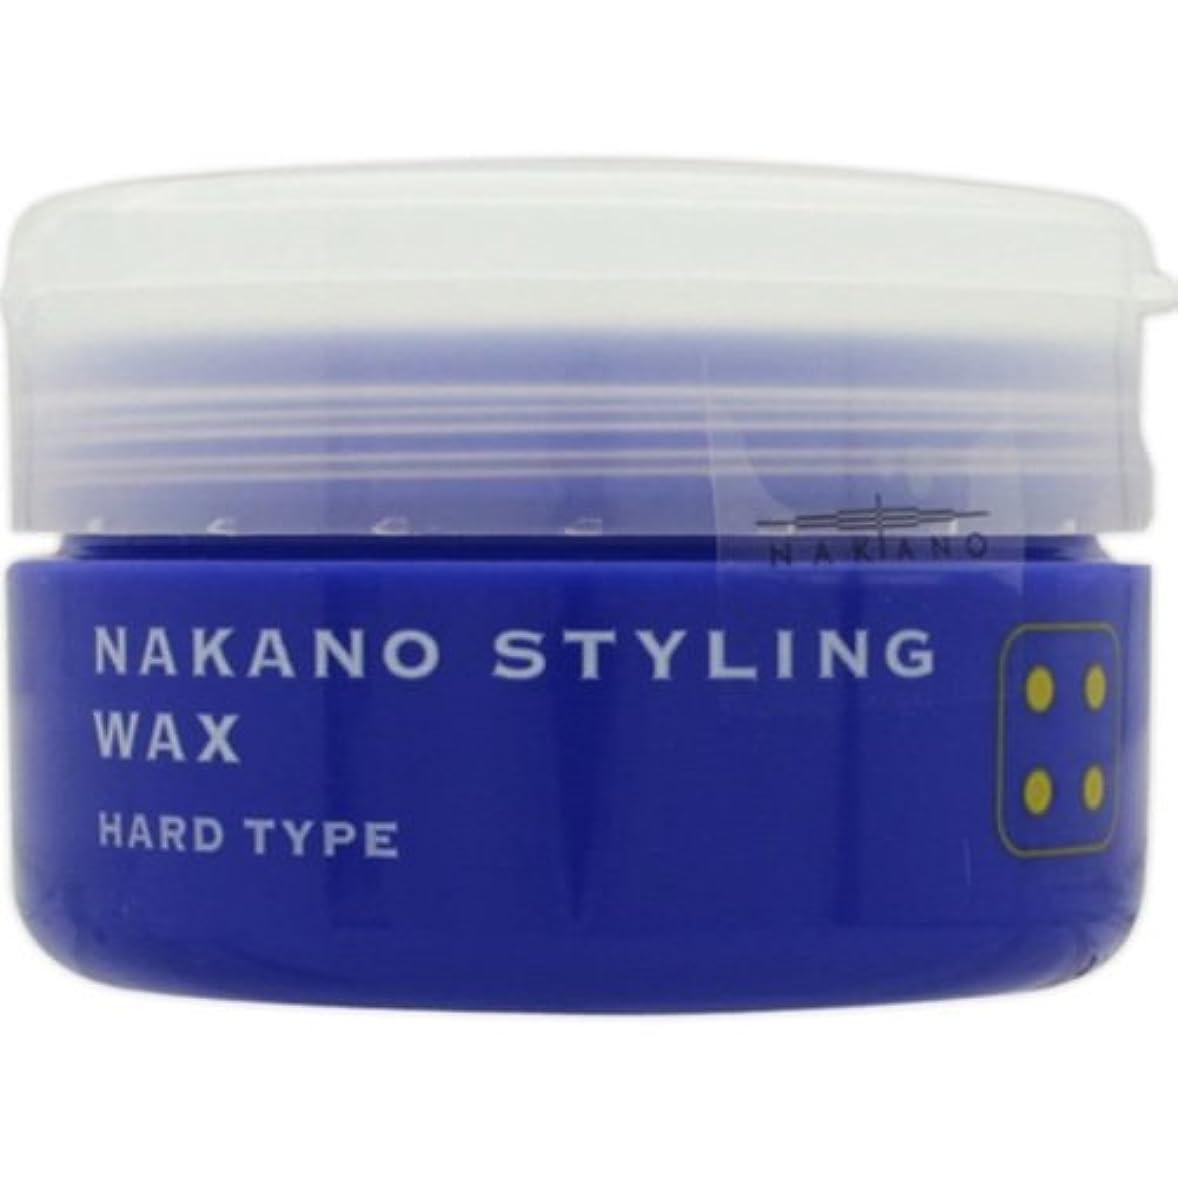 極地極めて標準ナカノ スタイリングワックス 4 ハードタイプ 90g 中野製薬 NAKANO